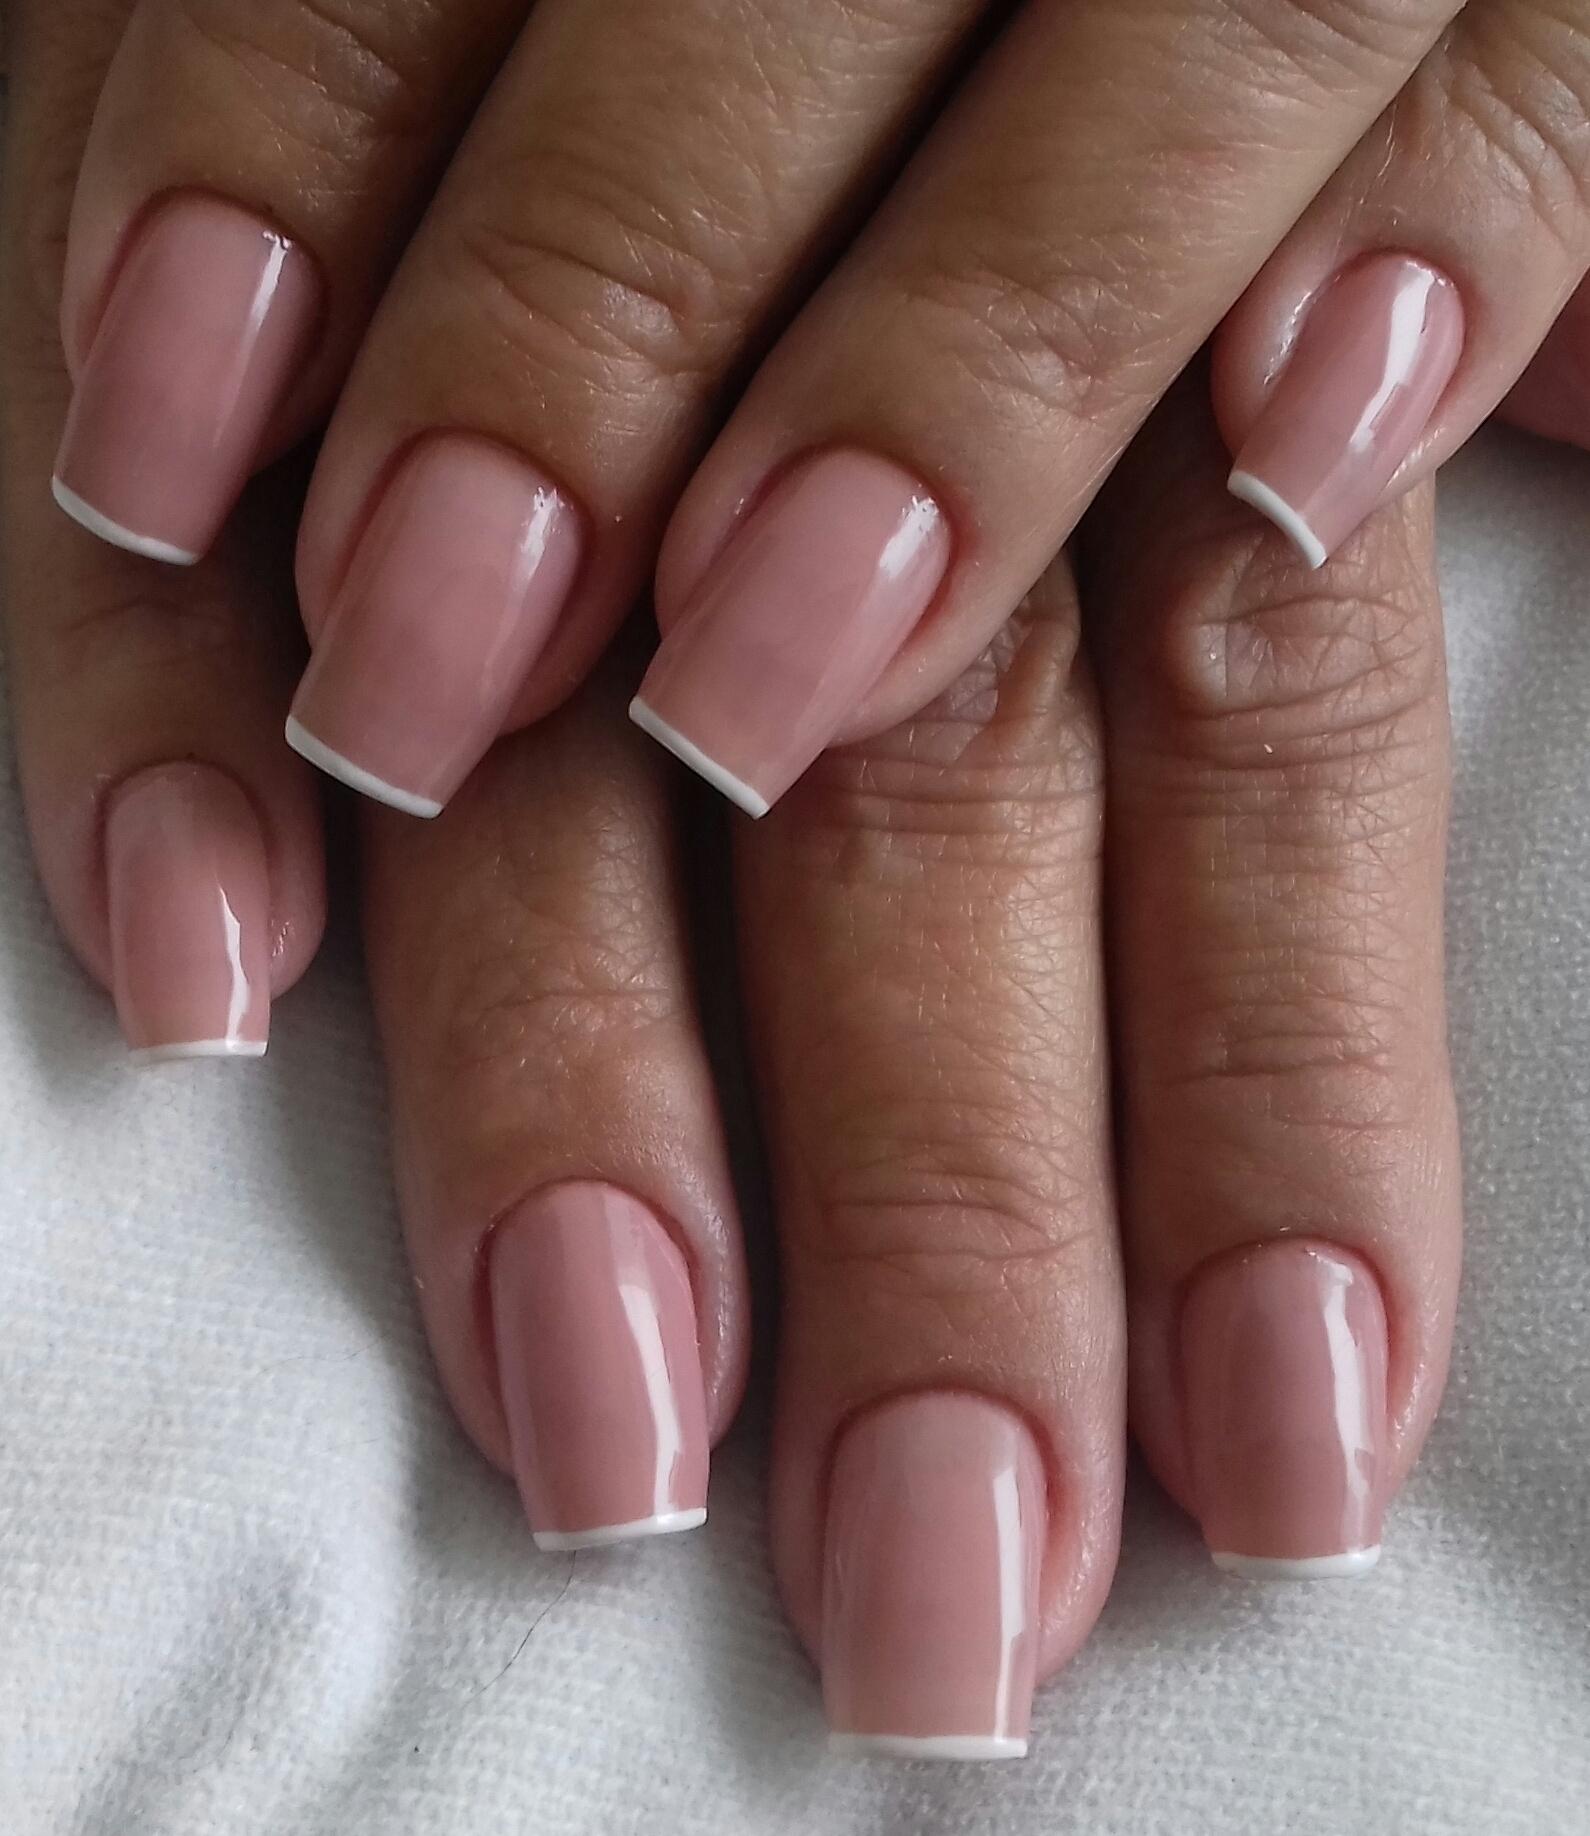 Delicada😍 unha manicure e pedicure